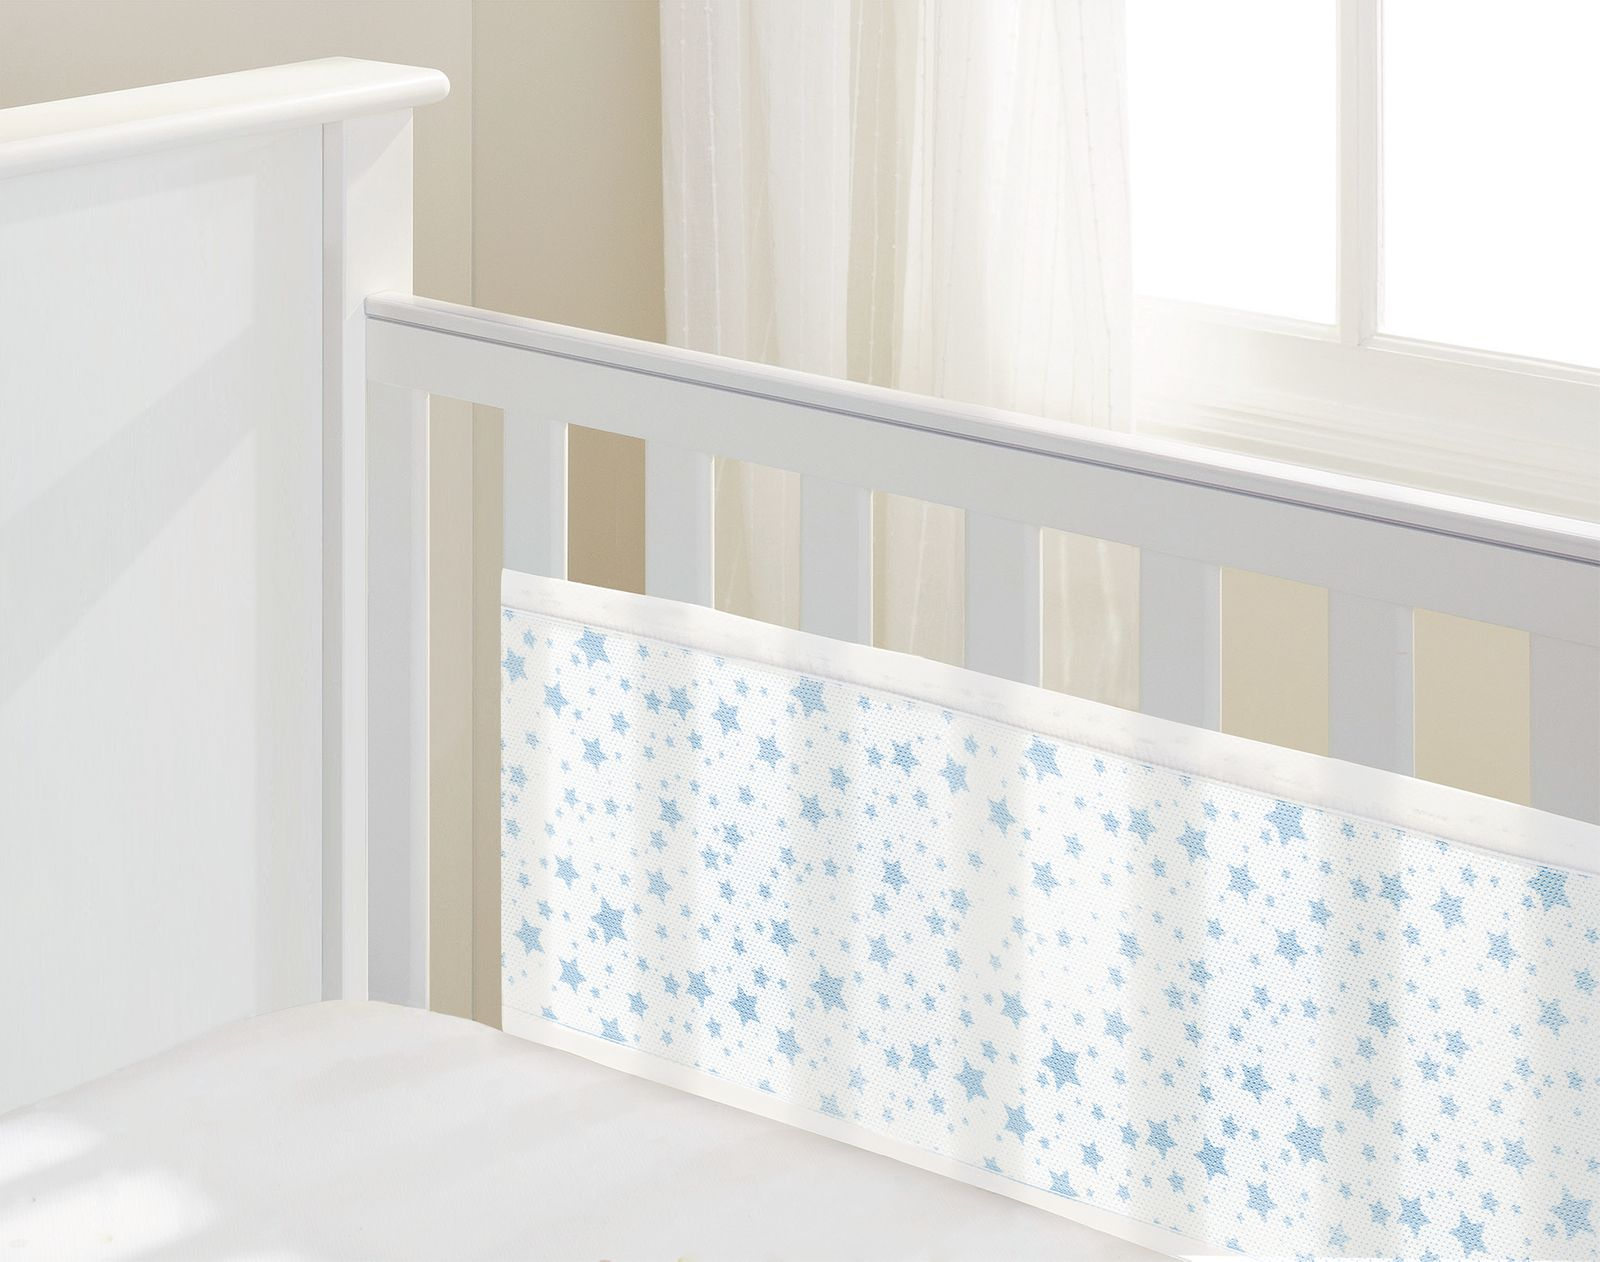 Luftdurchlässiges Babynest für Betten mit geschlossenem Kopf- und Fußteil – Bild 23